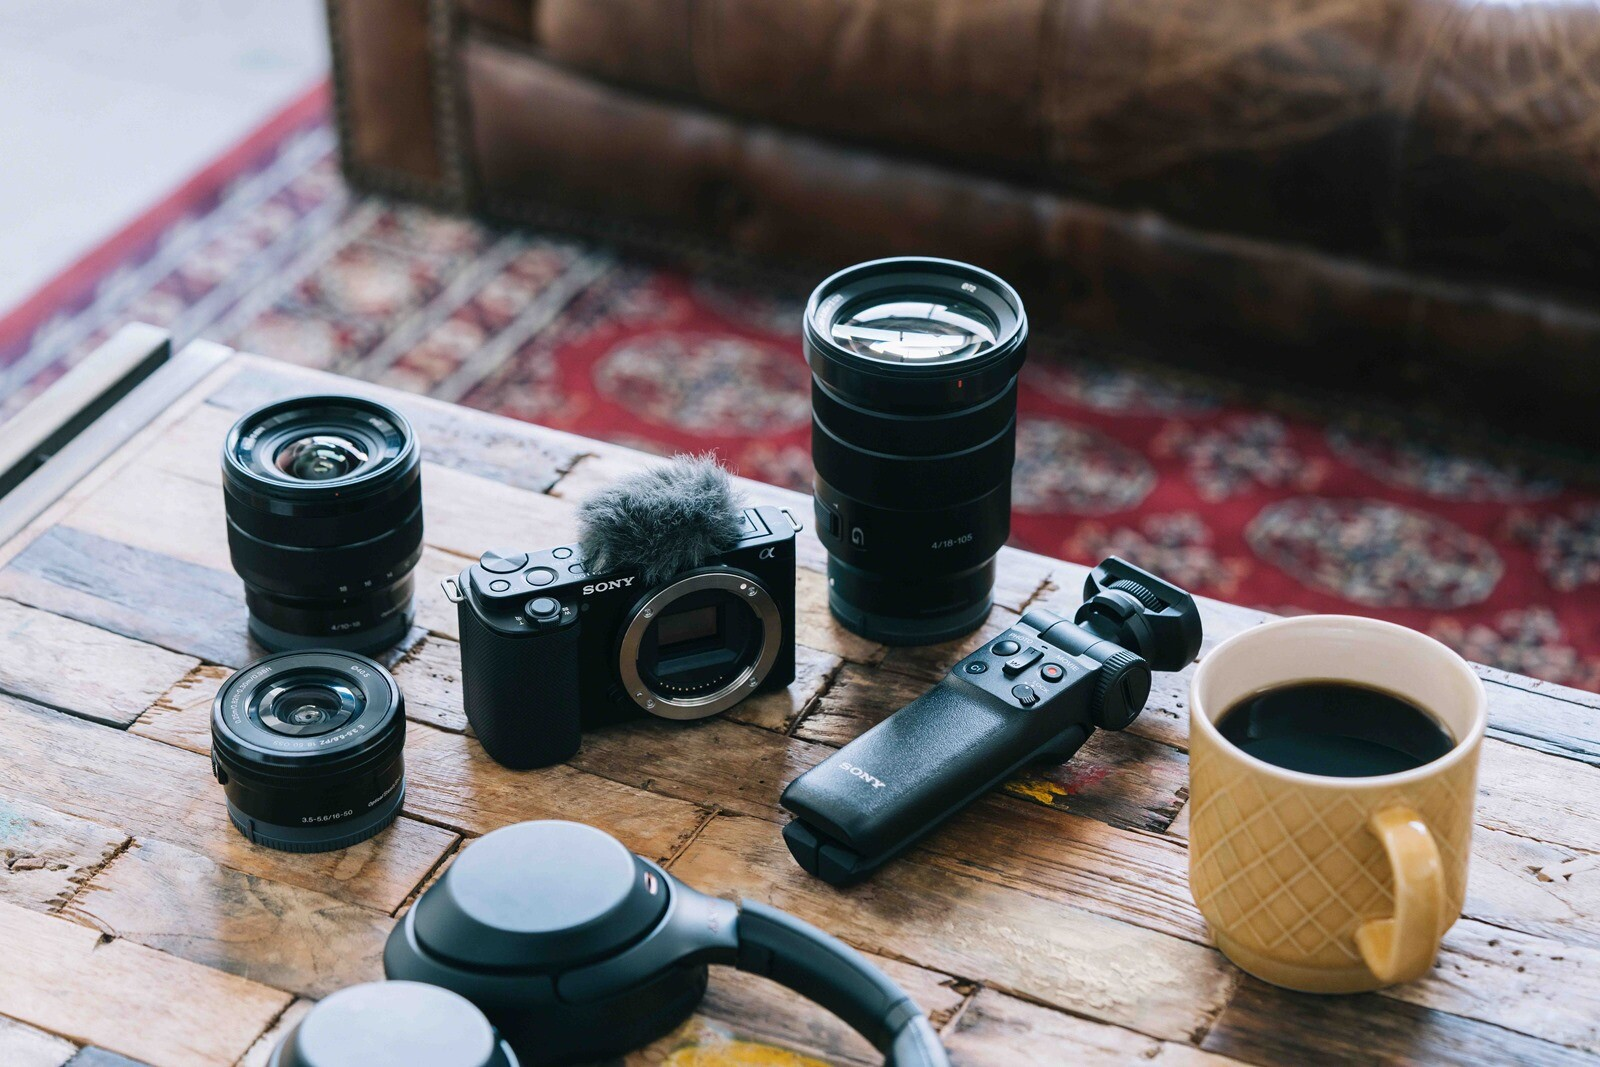 圖 4-Sony-可換鏡數位相機-Alpha-ZV-E10-可視需求搭配-E-接環系統多元焦段鏡頭,增加拍攝靈活度,讓創作不受限。.jpg @3C 達人廖阿輝